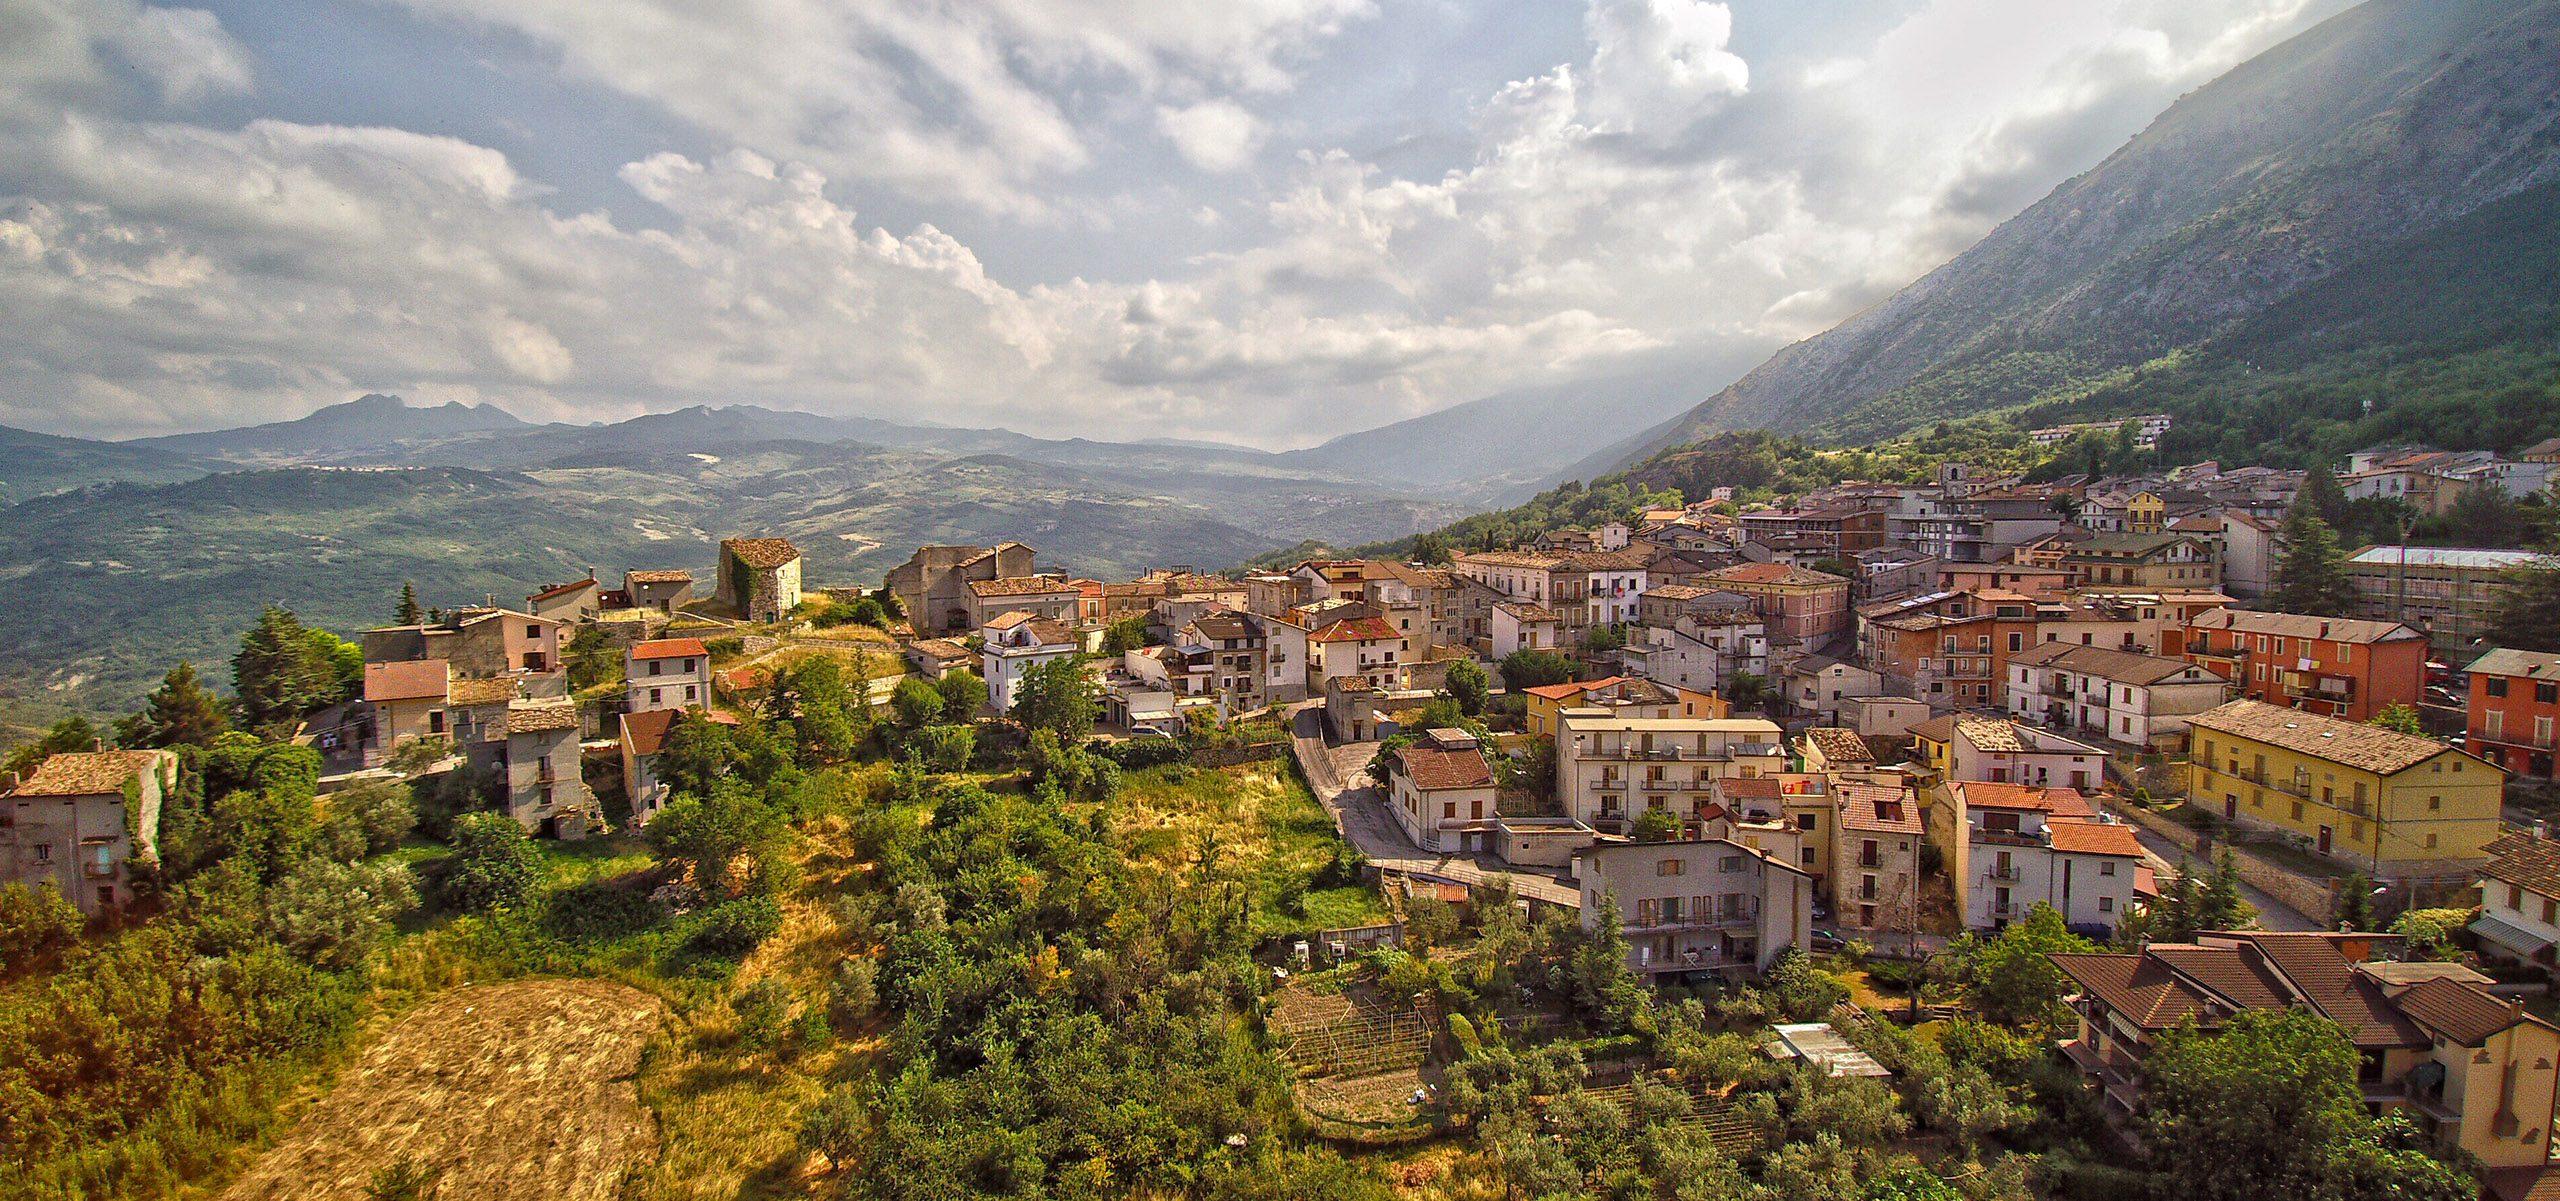 Italy Abruzzo Town